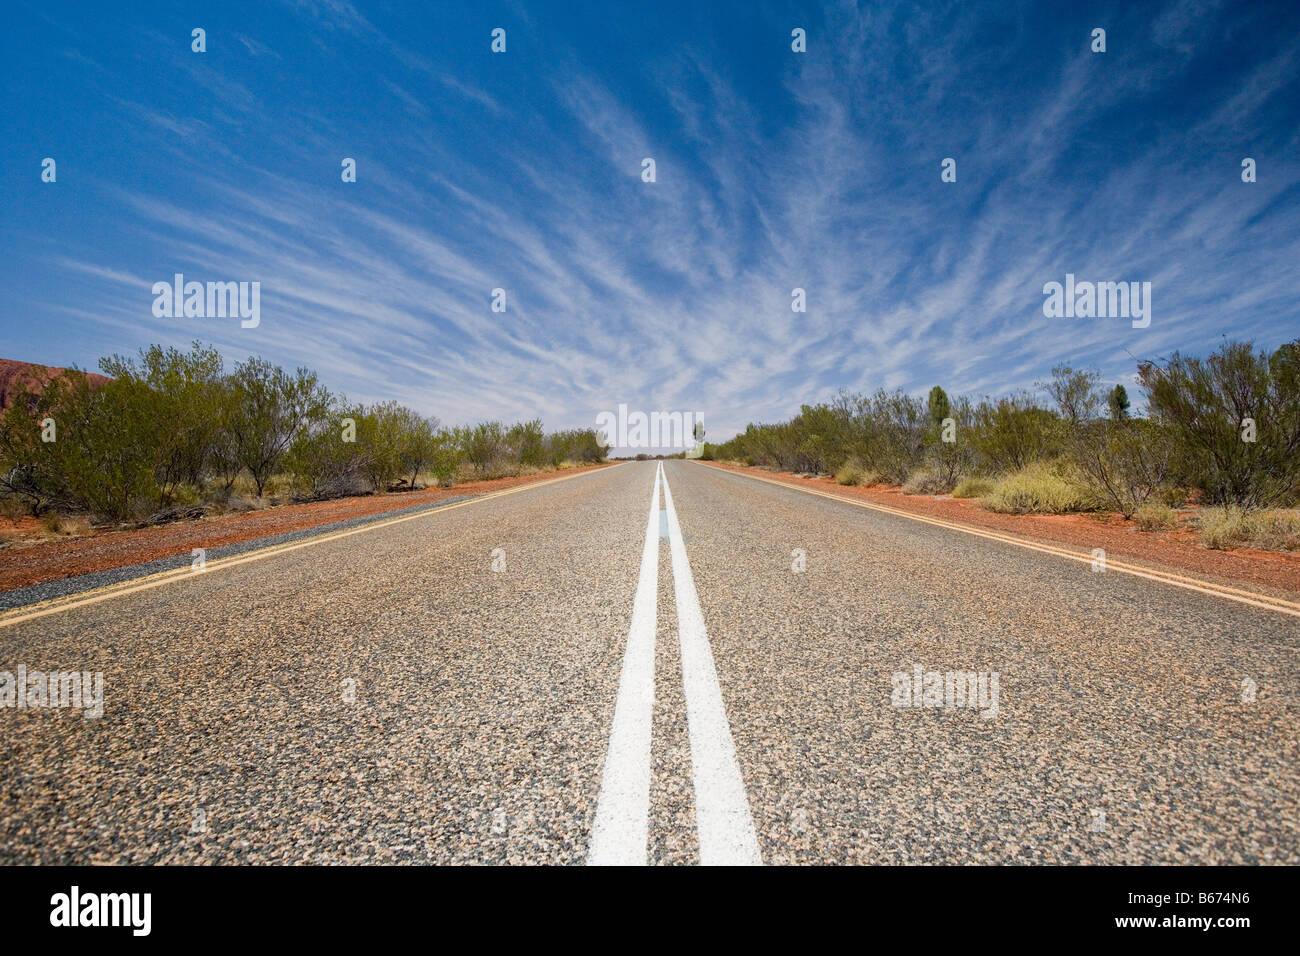 Un país por carretera en Perth. Imagen De Stock